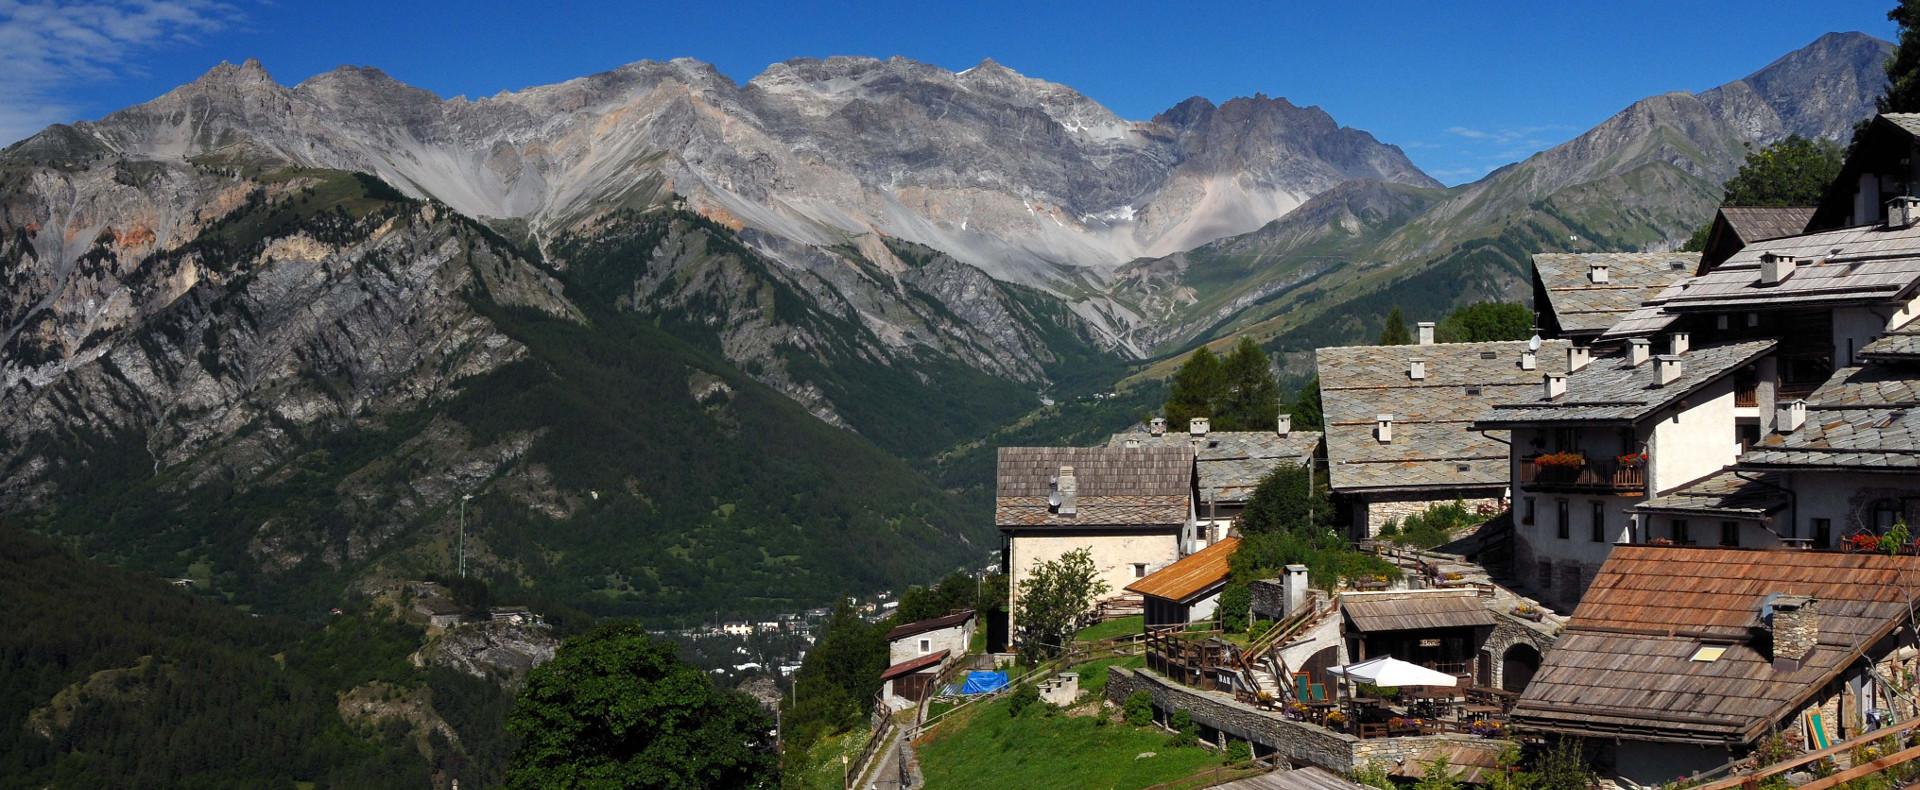 of the Consorzio Turismo Bardonecchia